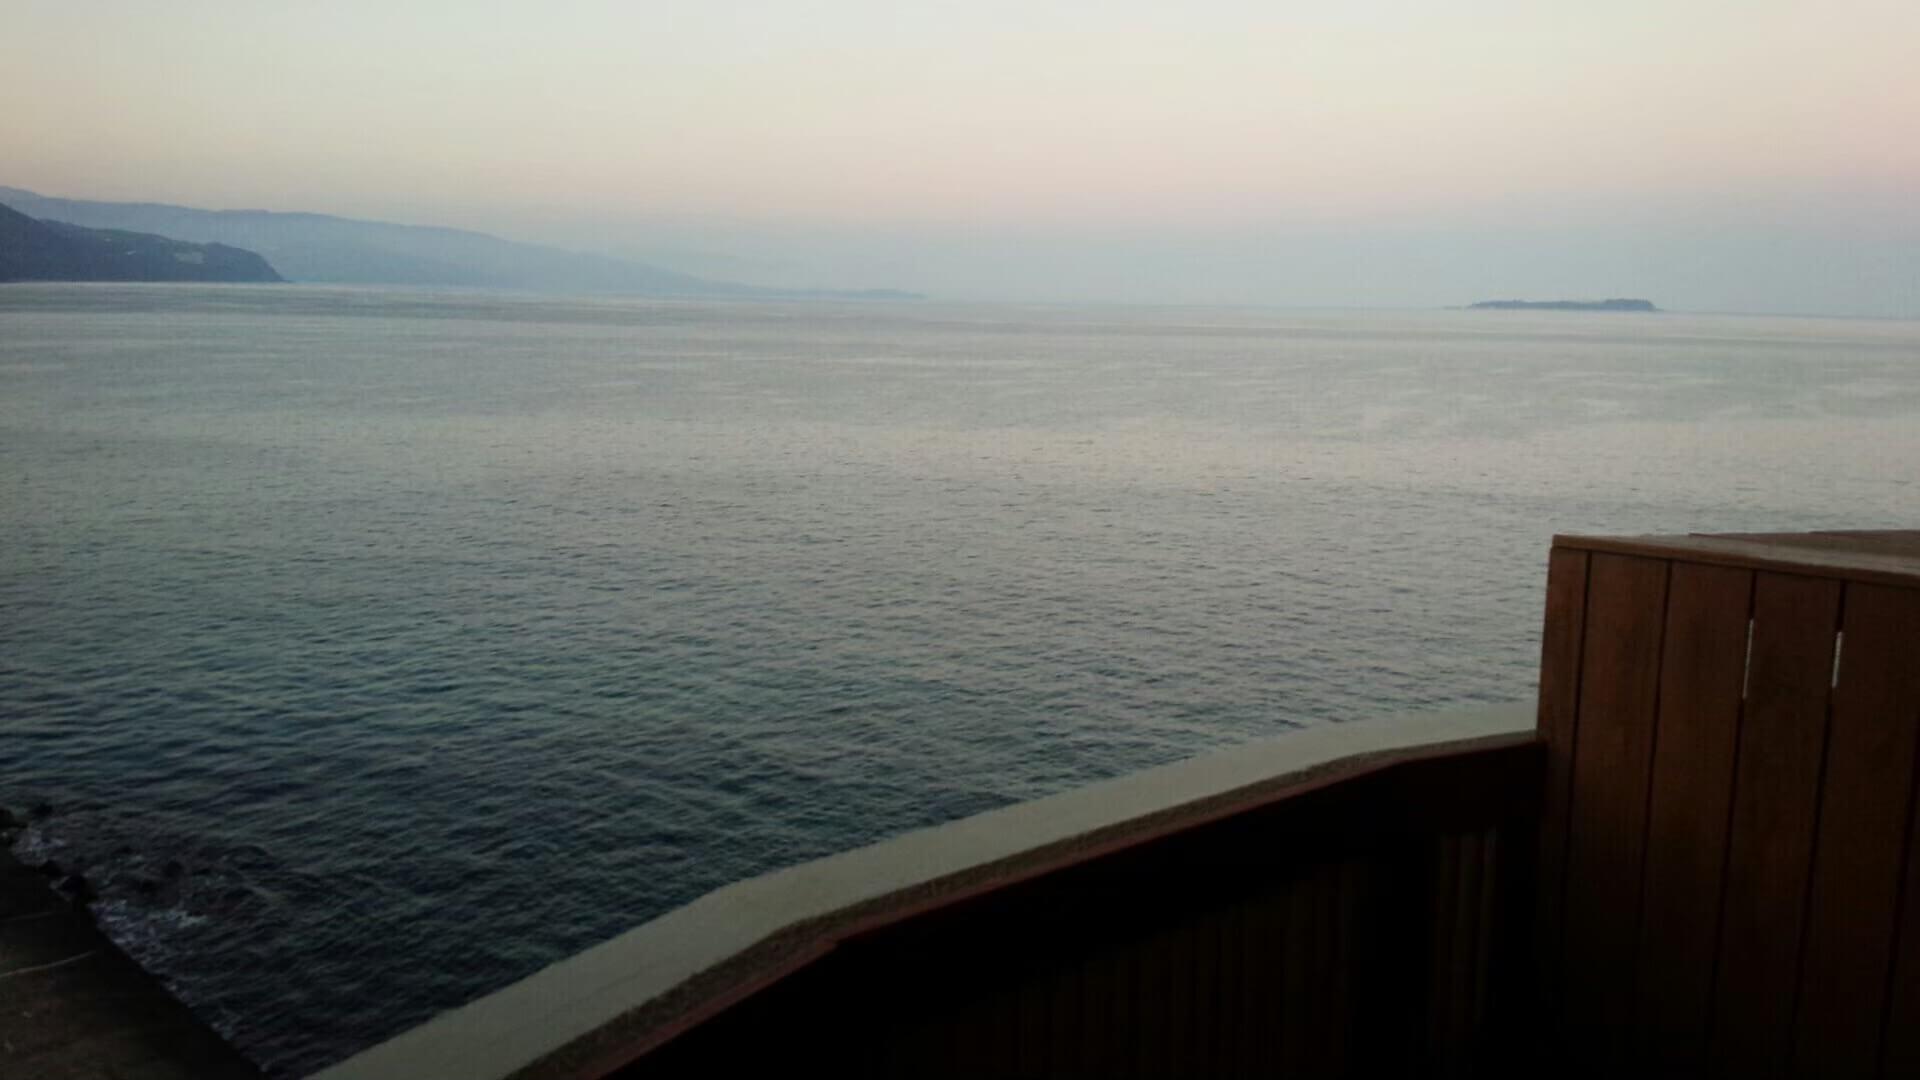 伊豆の高級旅館、風の薫の客室からの眺望(慶太ブログ)